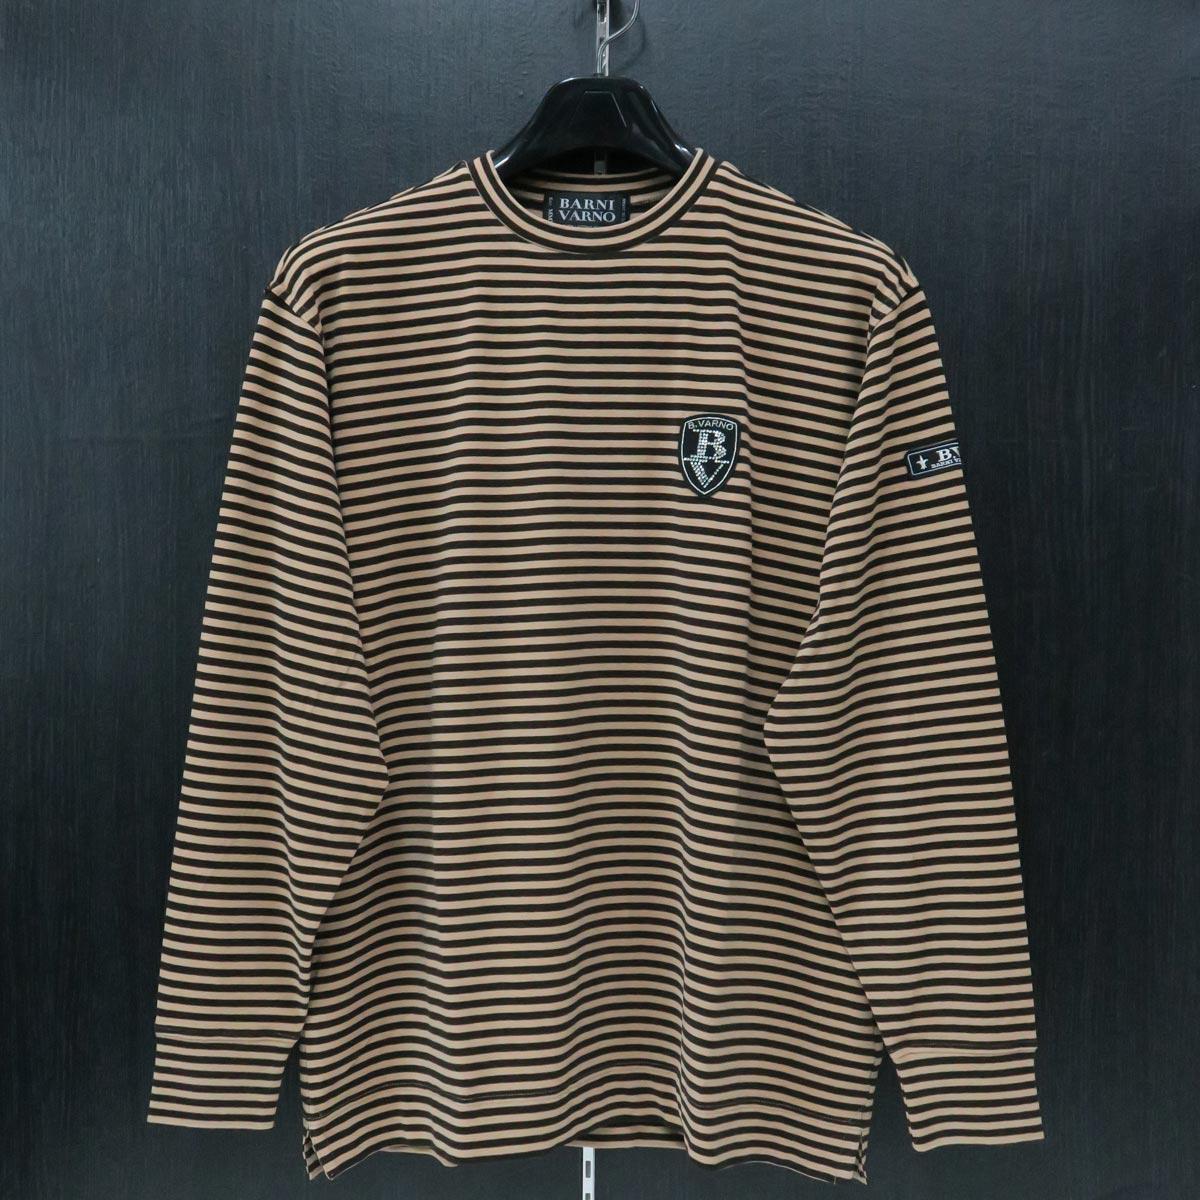 バーニヴァーノ 丸首Tシャツ Lサイズ 茶/モカ茶 BAW-IST3459-15